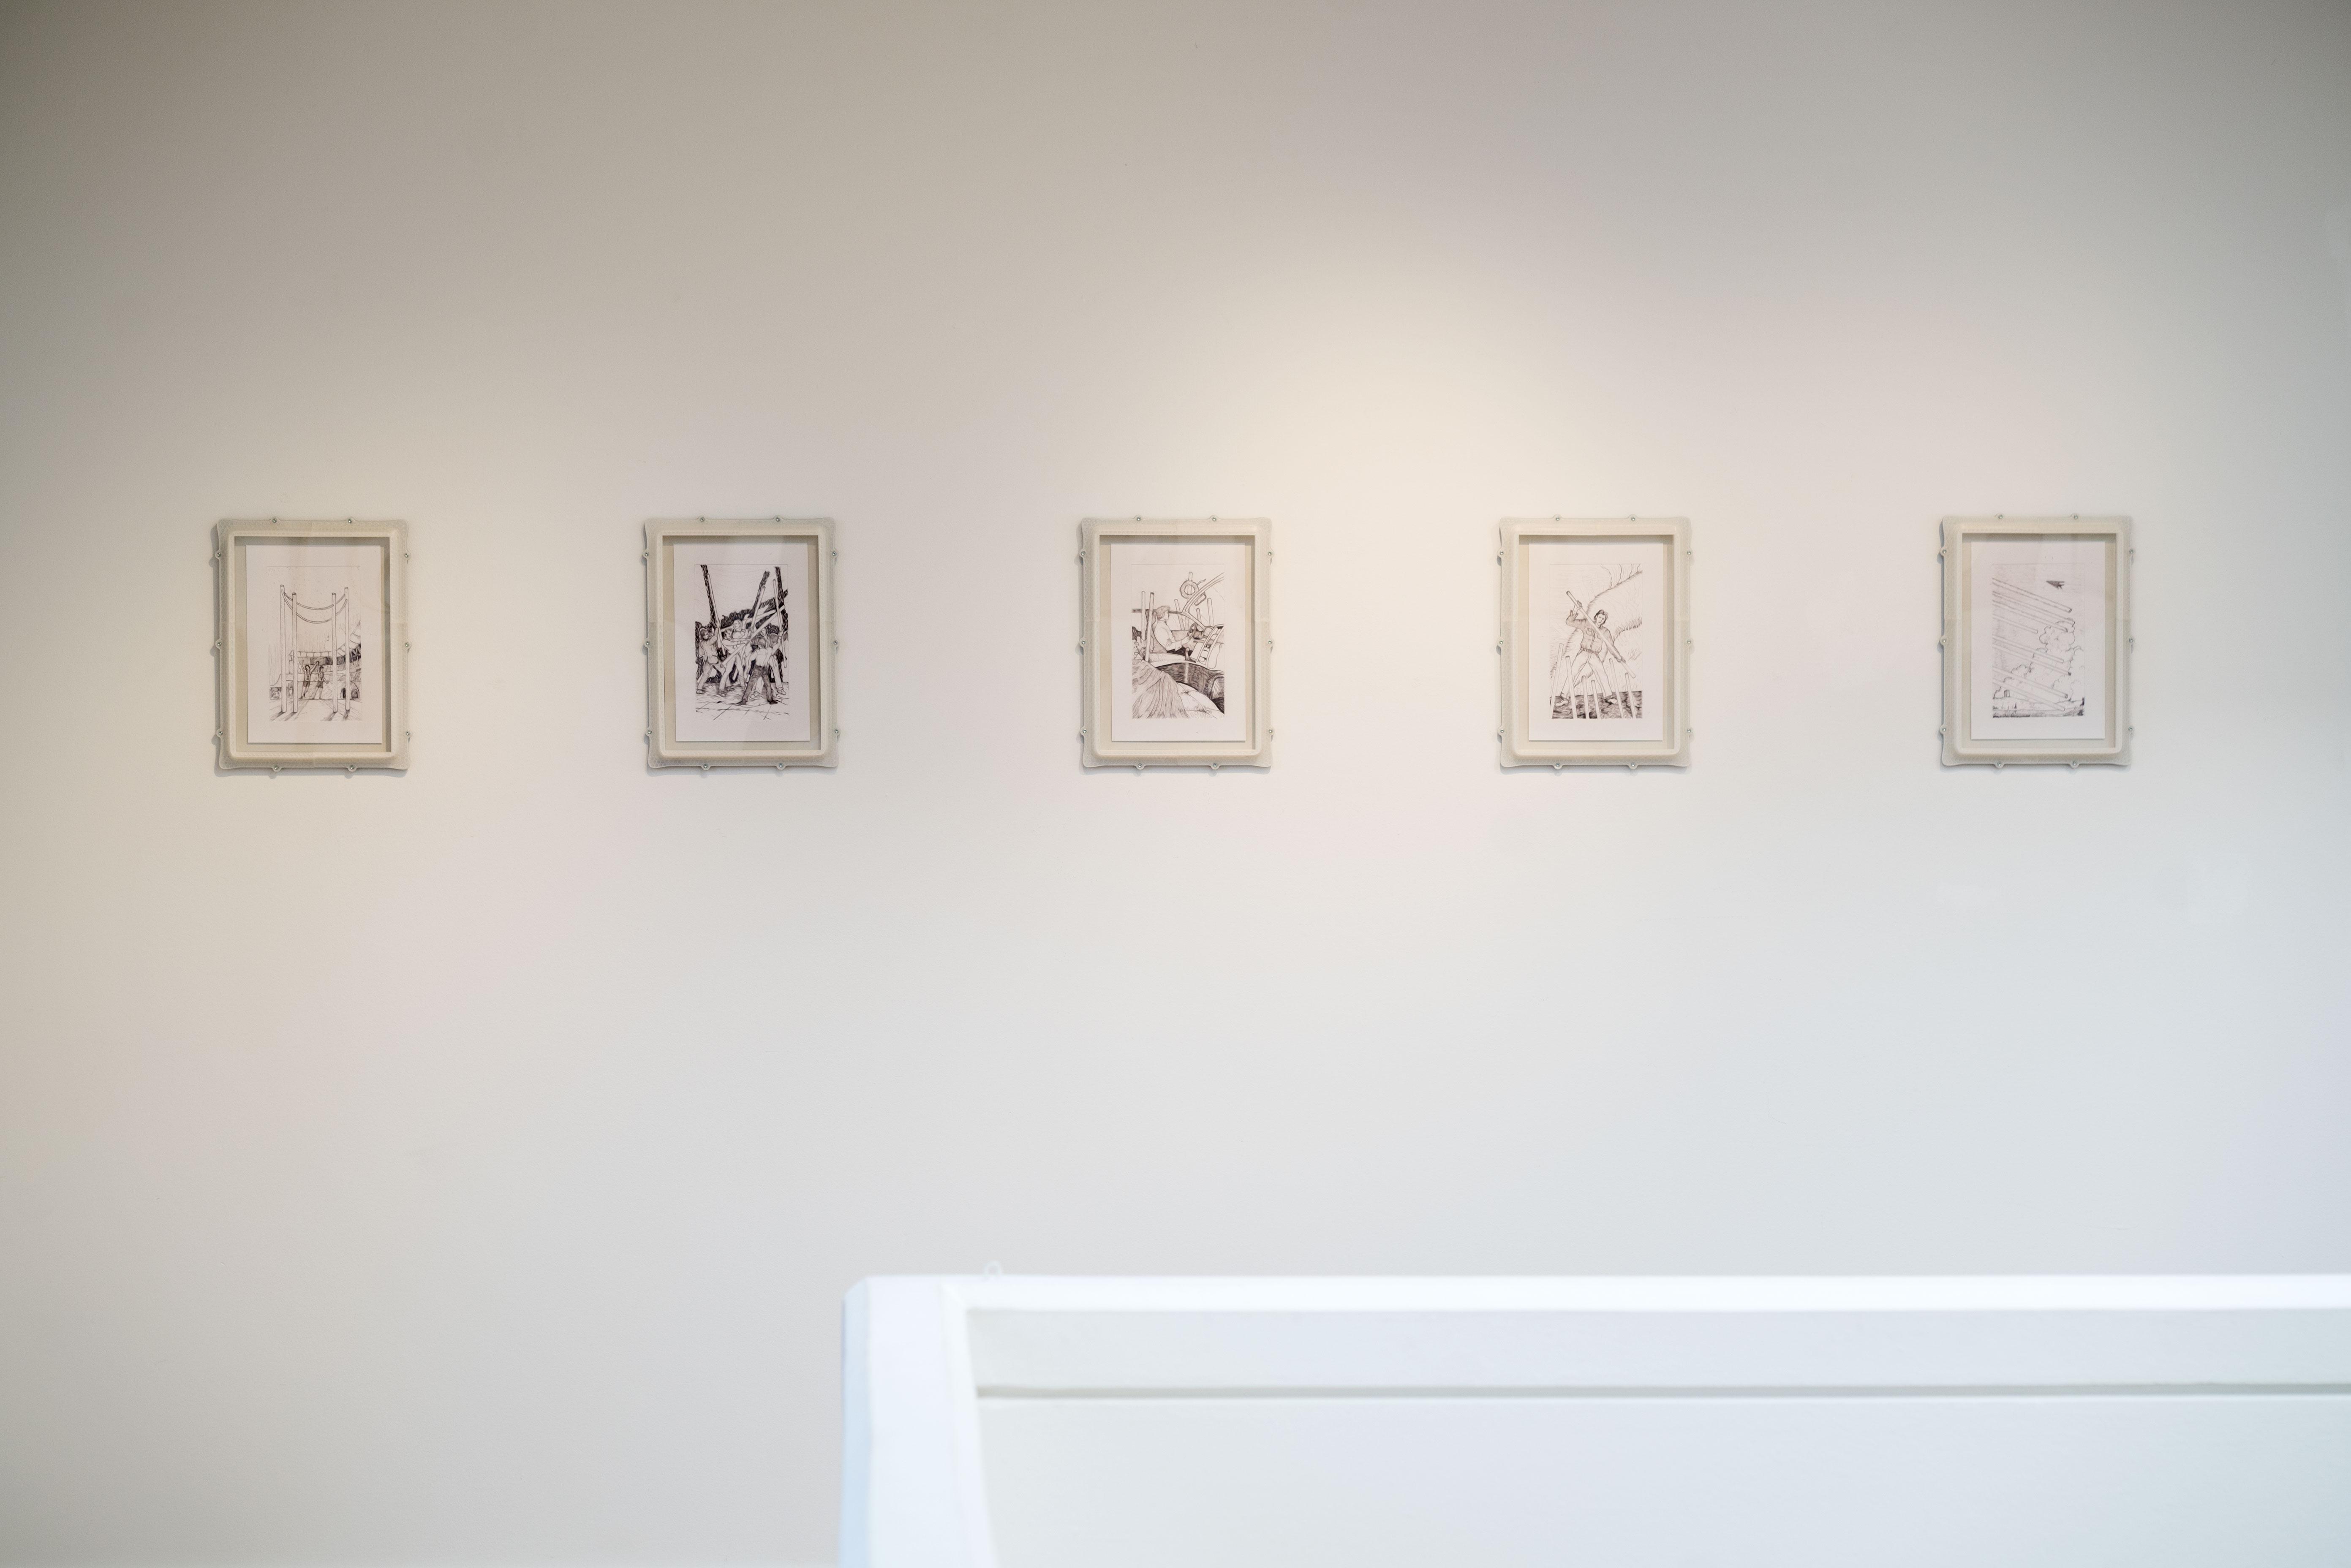 Paul Valentin Exhibition AdbK München Kunst MaximiliansForum Munich Ausstellung Wands